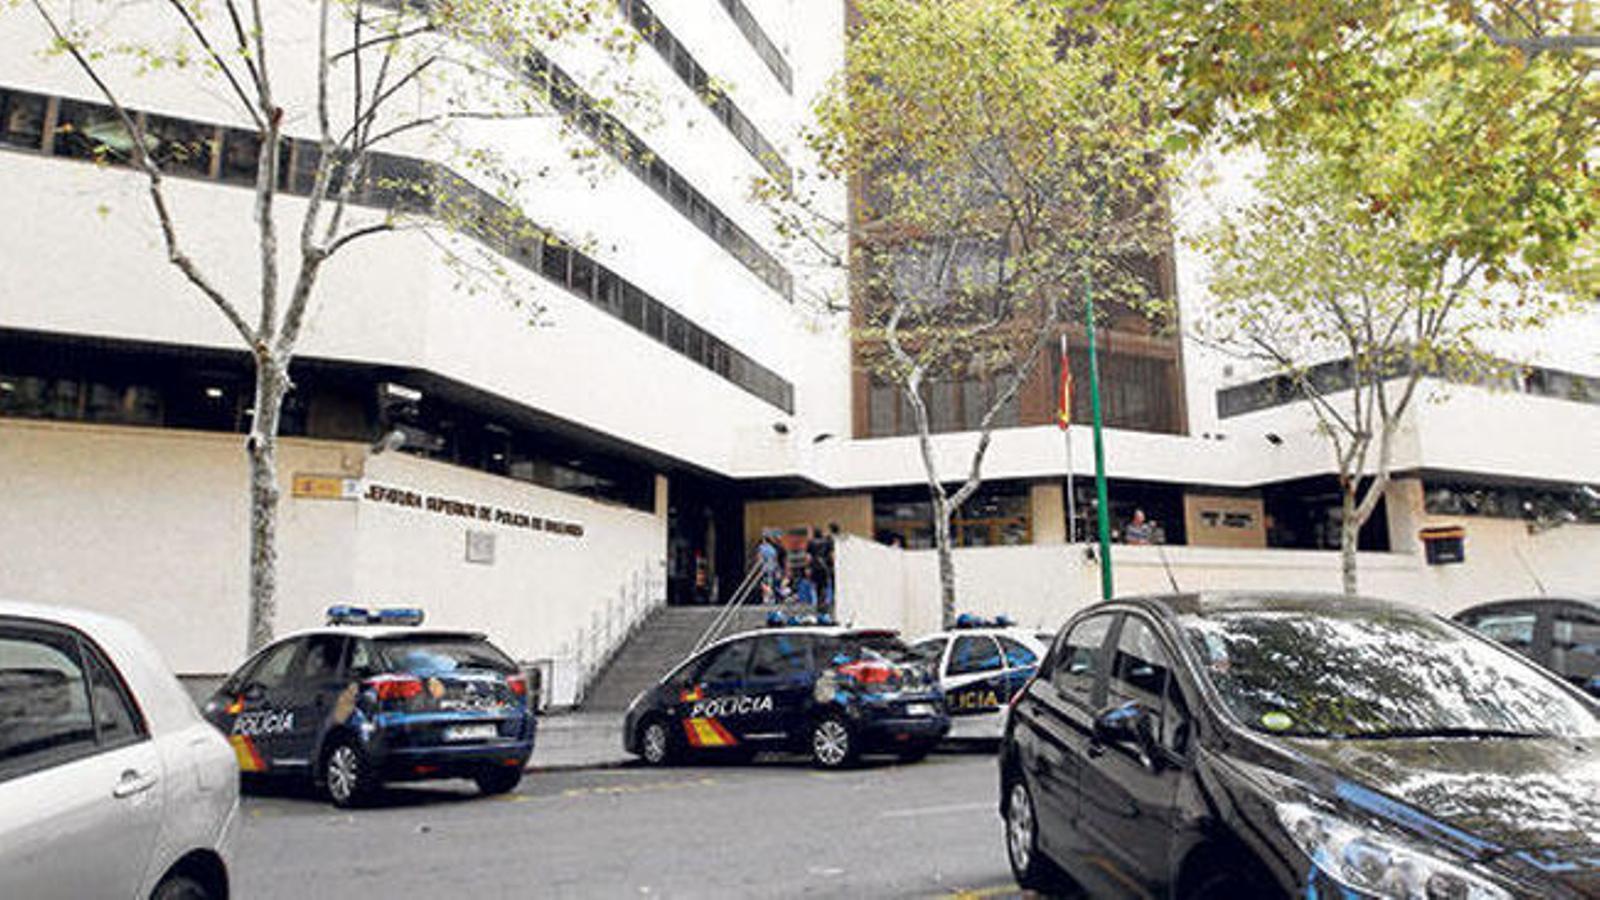 La Policia va detenir el sospitós quan va denunciar que no podia entrar a l'habitatge.